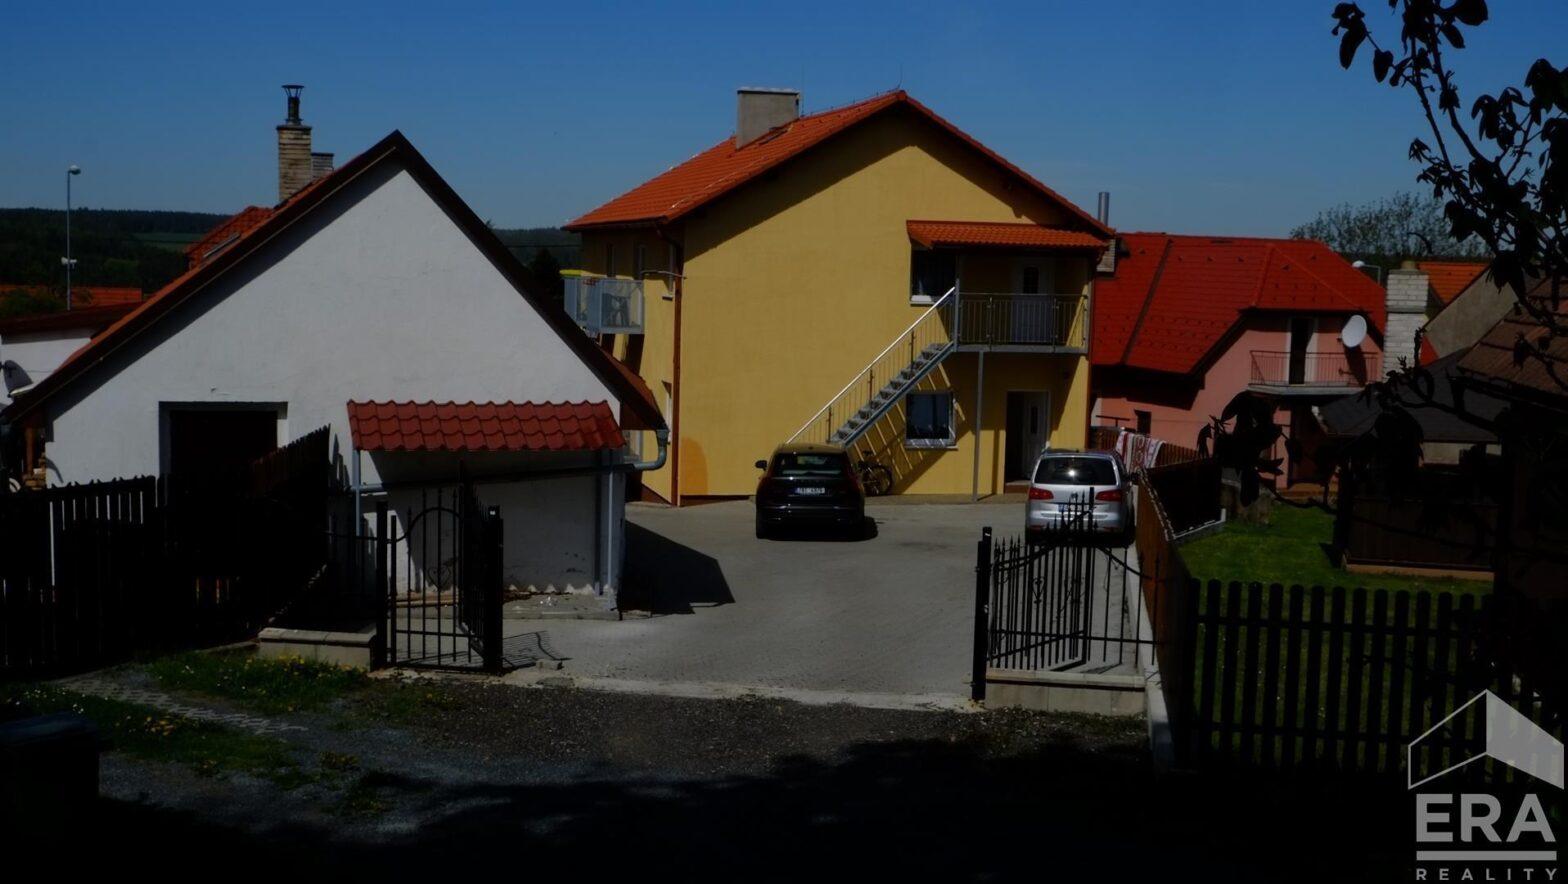 Exklusivní nabídka – prodej bytu 3+kk +B v bytovém domě ve Zbraslavicích        63 m2 užitná plocha       Cena 2 340 000 Kč